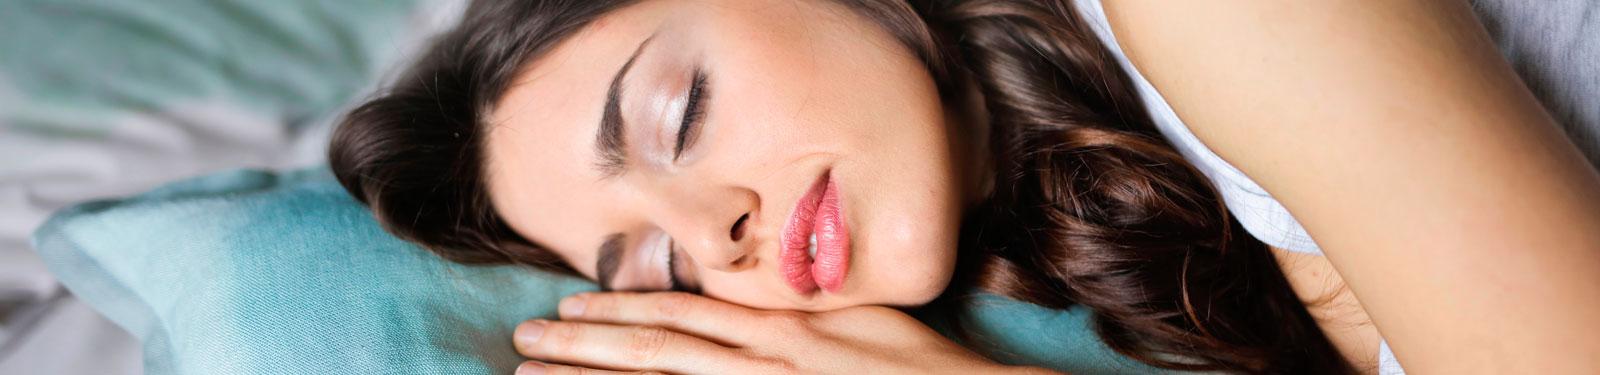 hormona del sueño